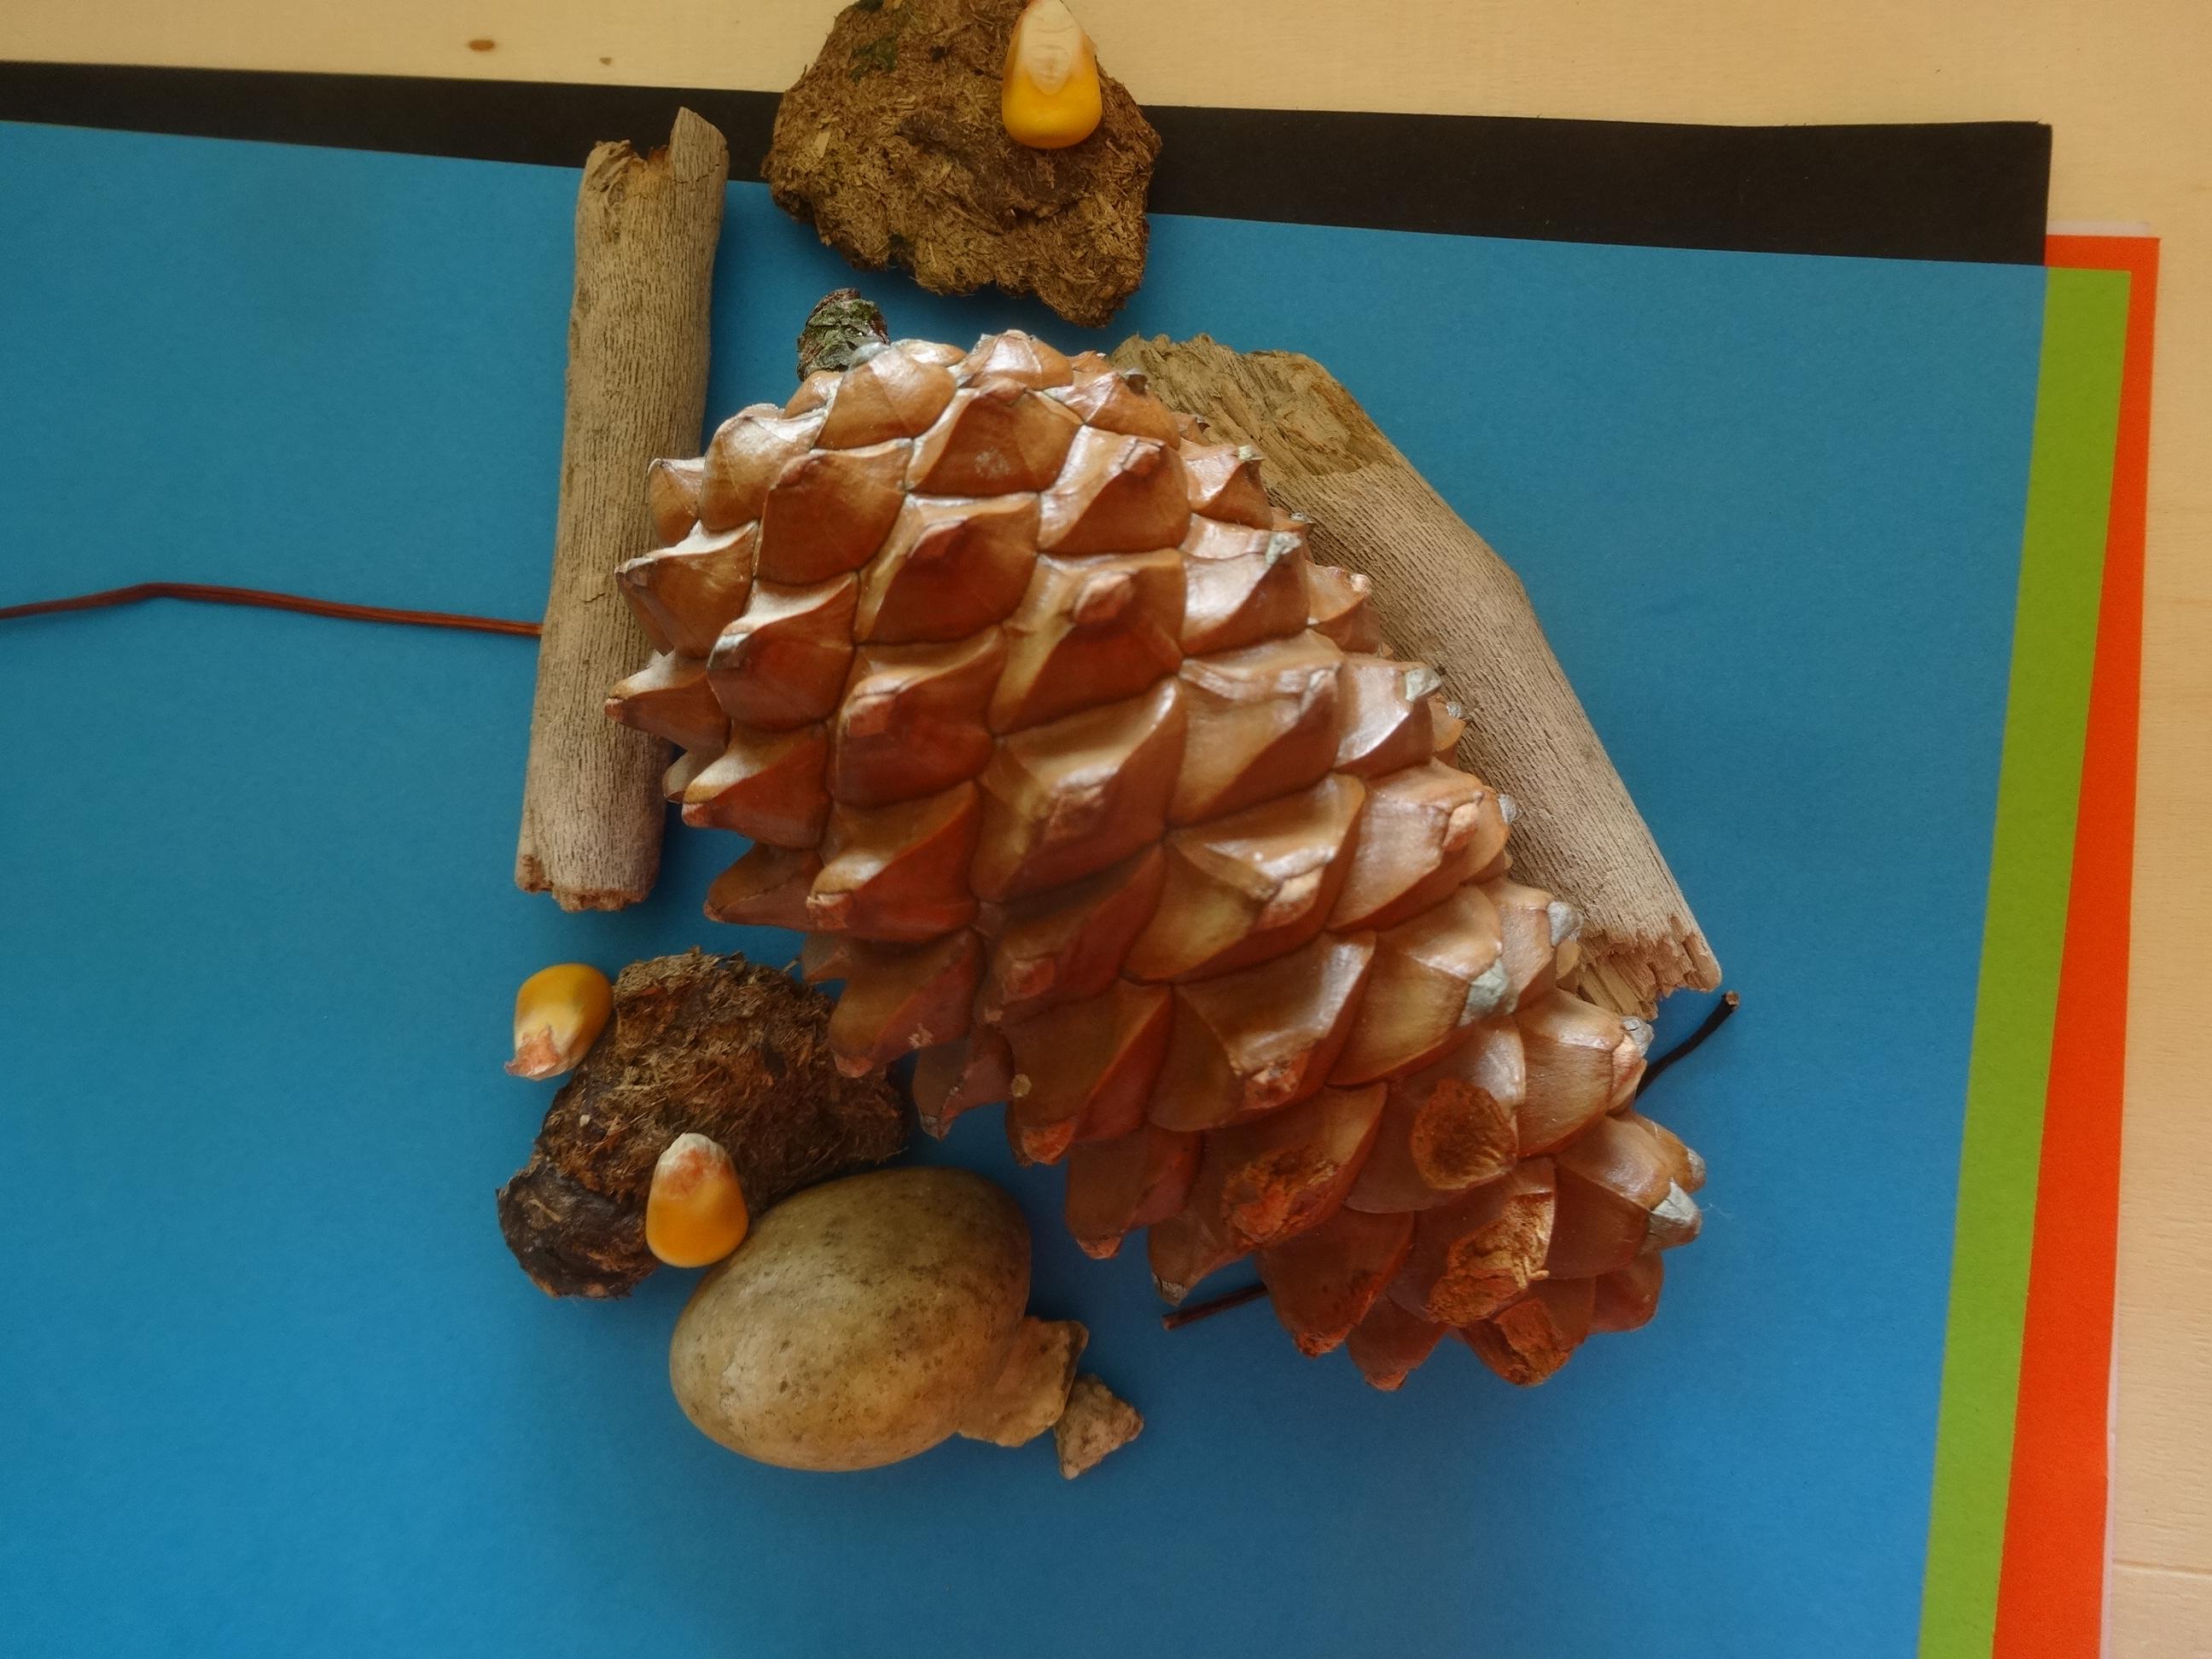 Activit nature cr er avec diff rents objets naturels activit s la maison - Activite a la maison ...